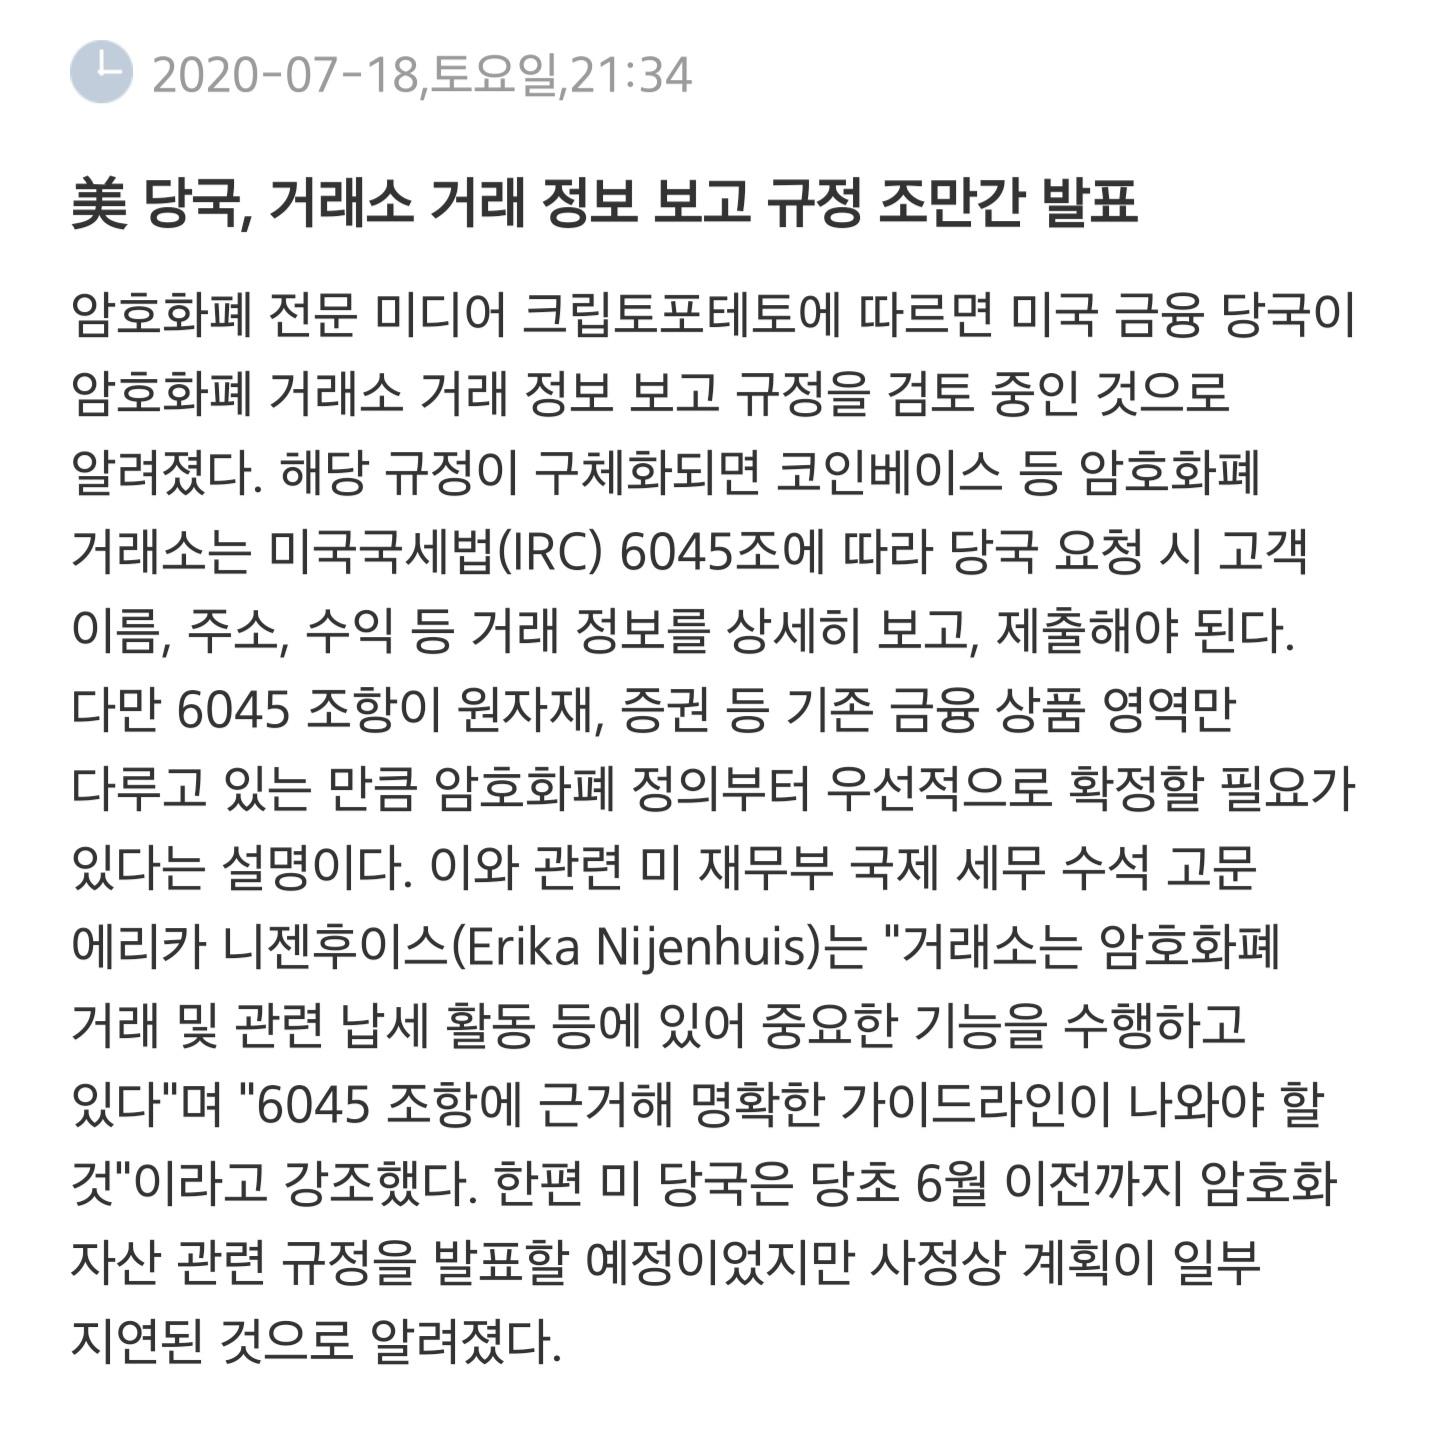 20200718_213640.jpg : 미, 거래소 거래 정보 보고 규정 곧 발표